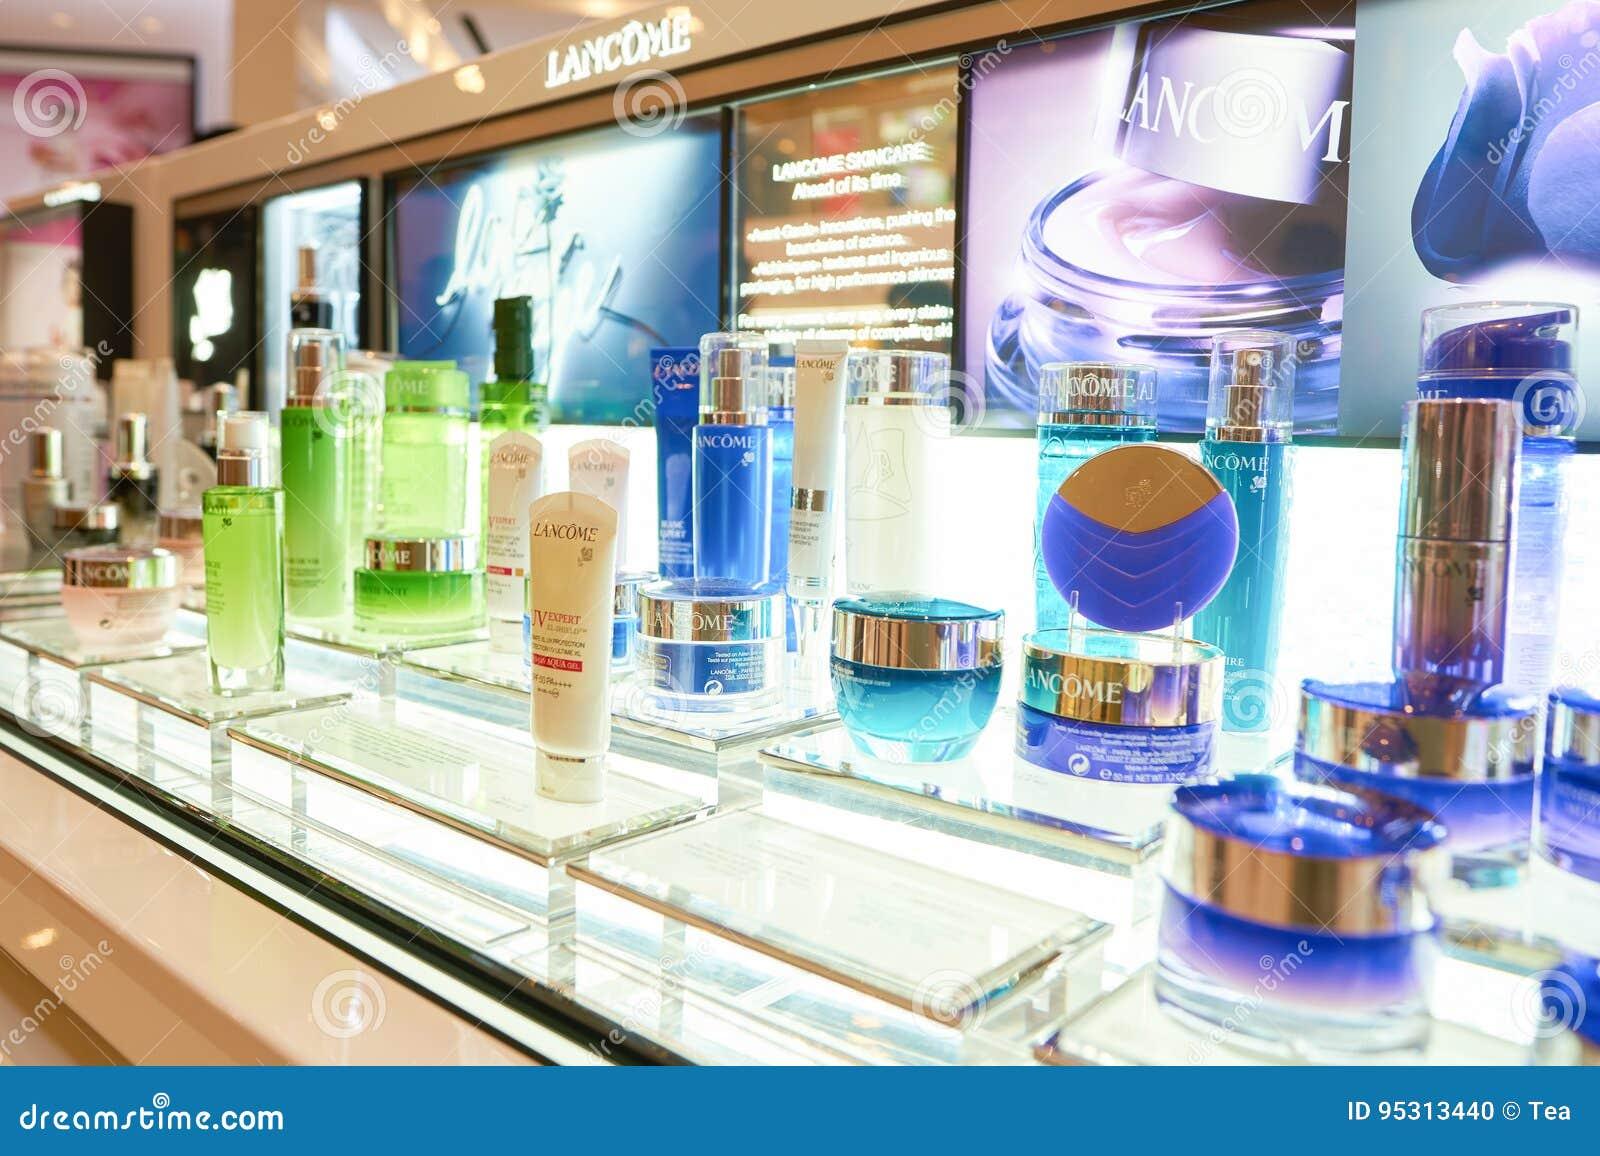 Косметика в гонконге что купить где купить косметику и парфюмерию